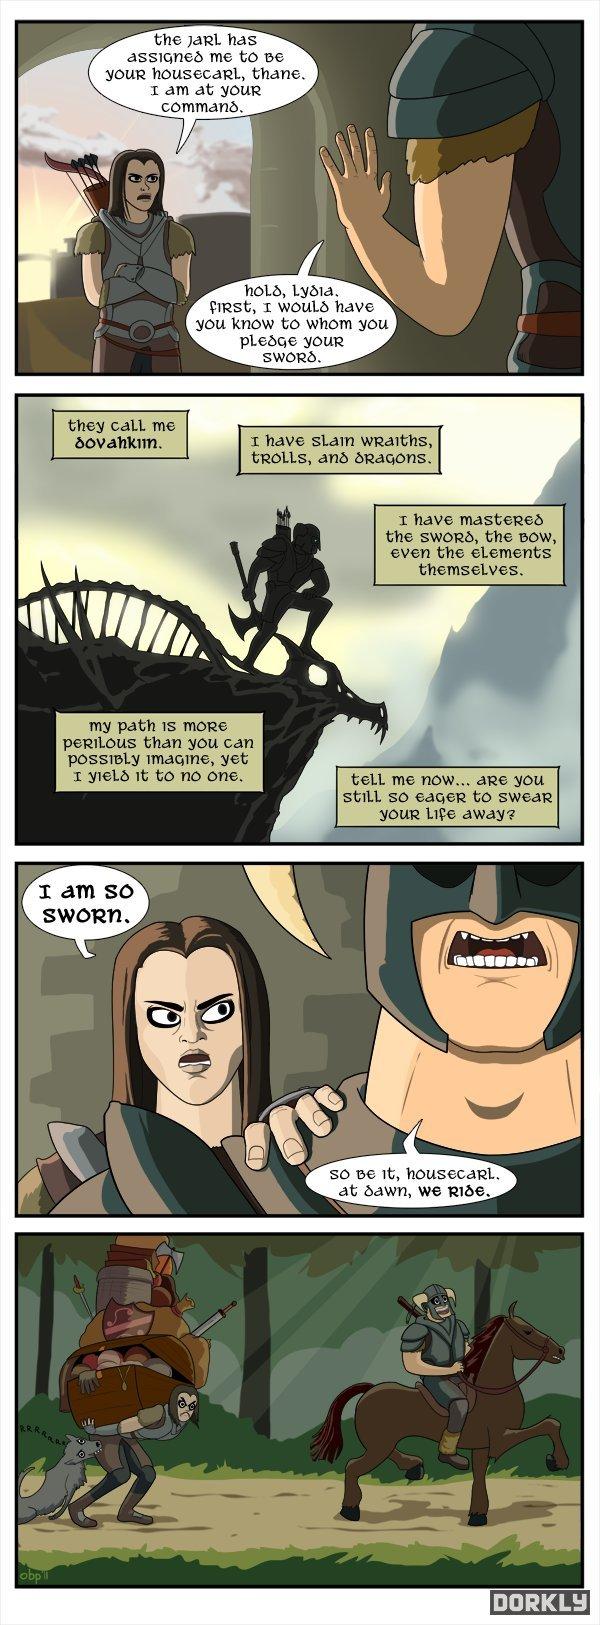 Skyrim comics 1